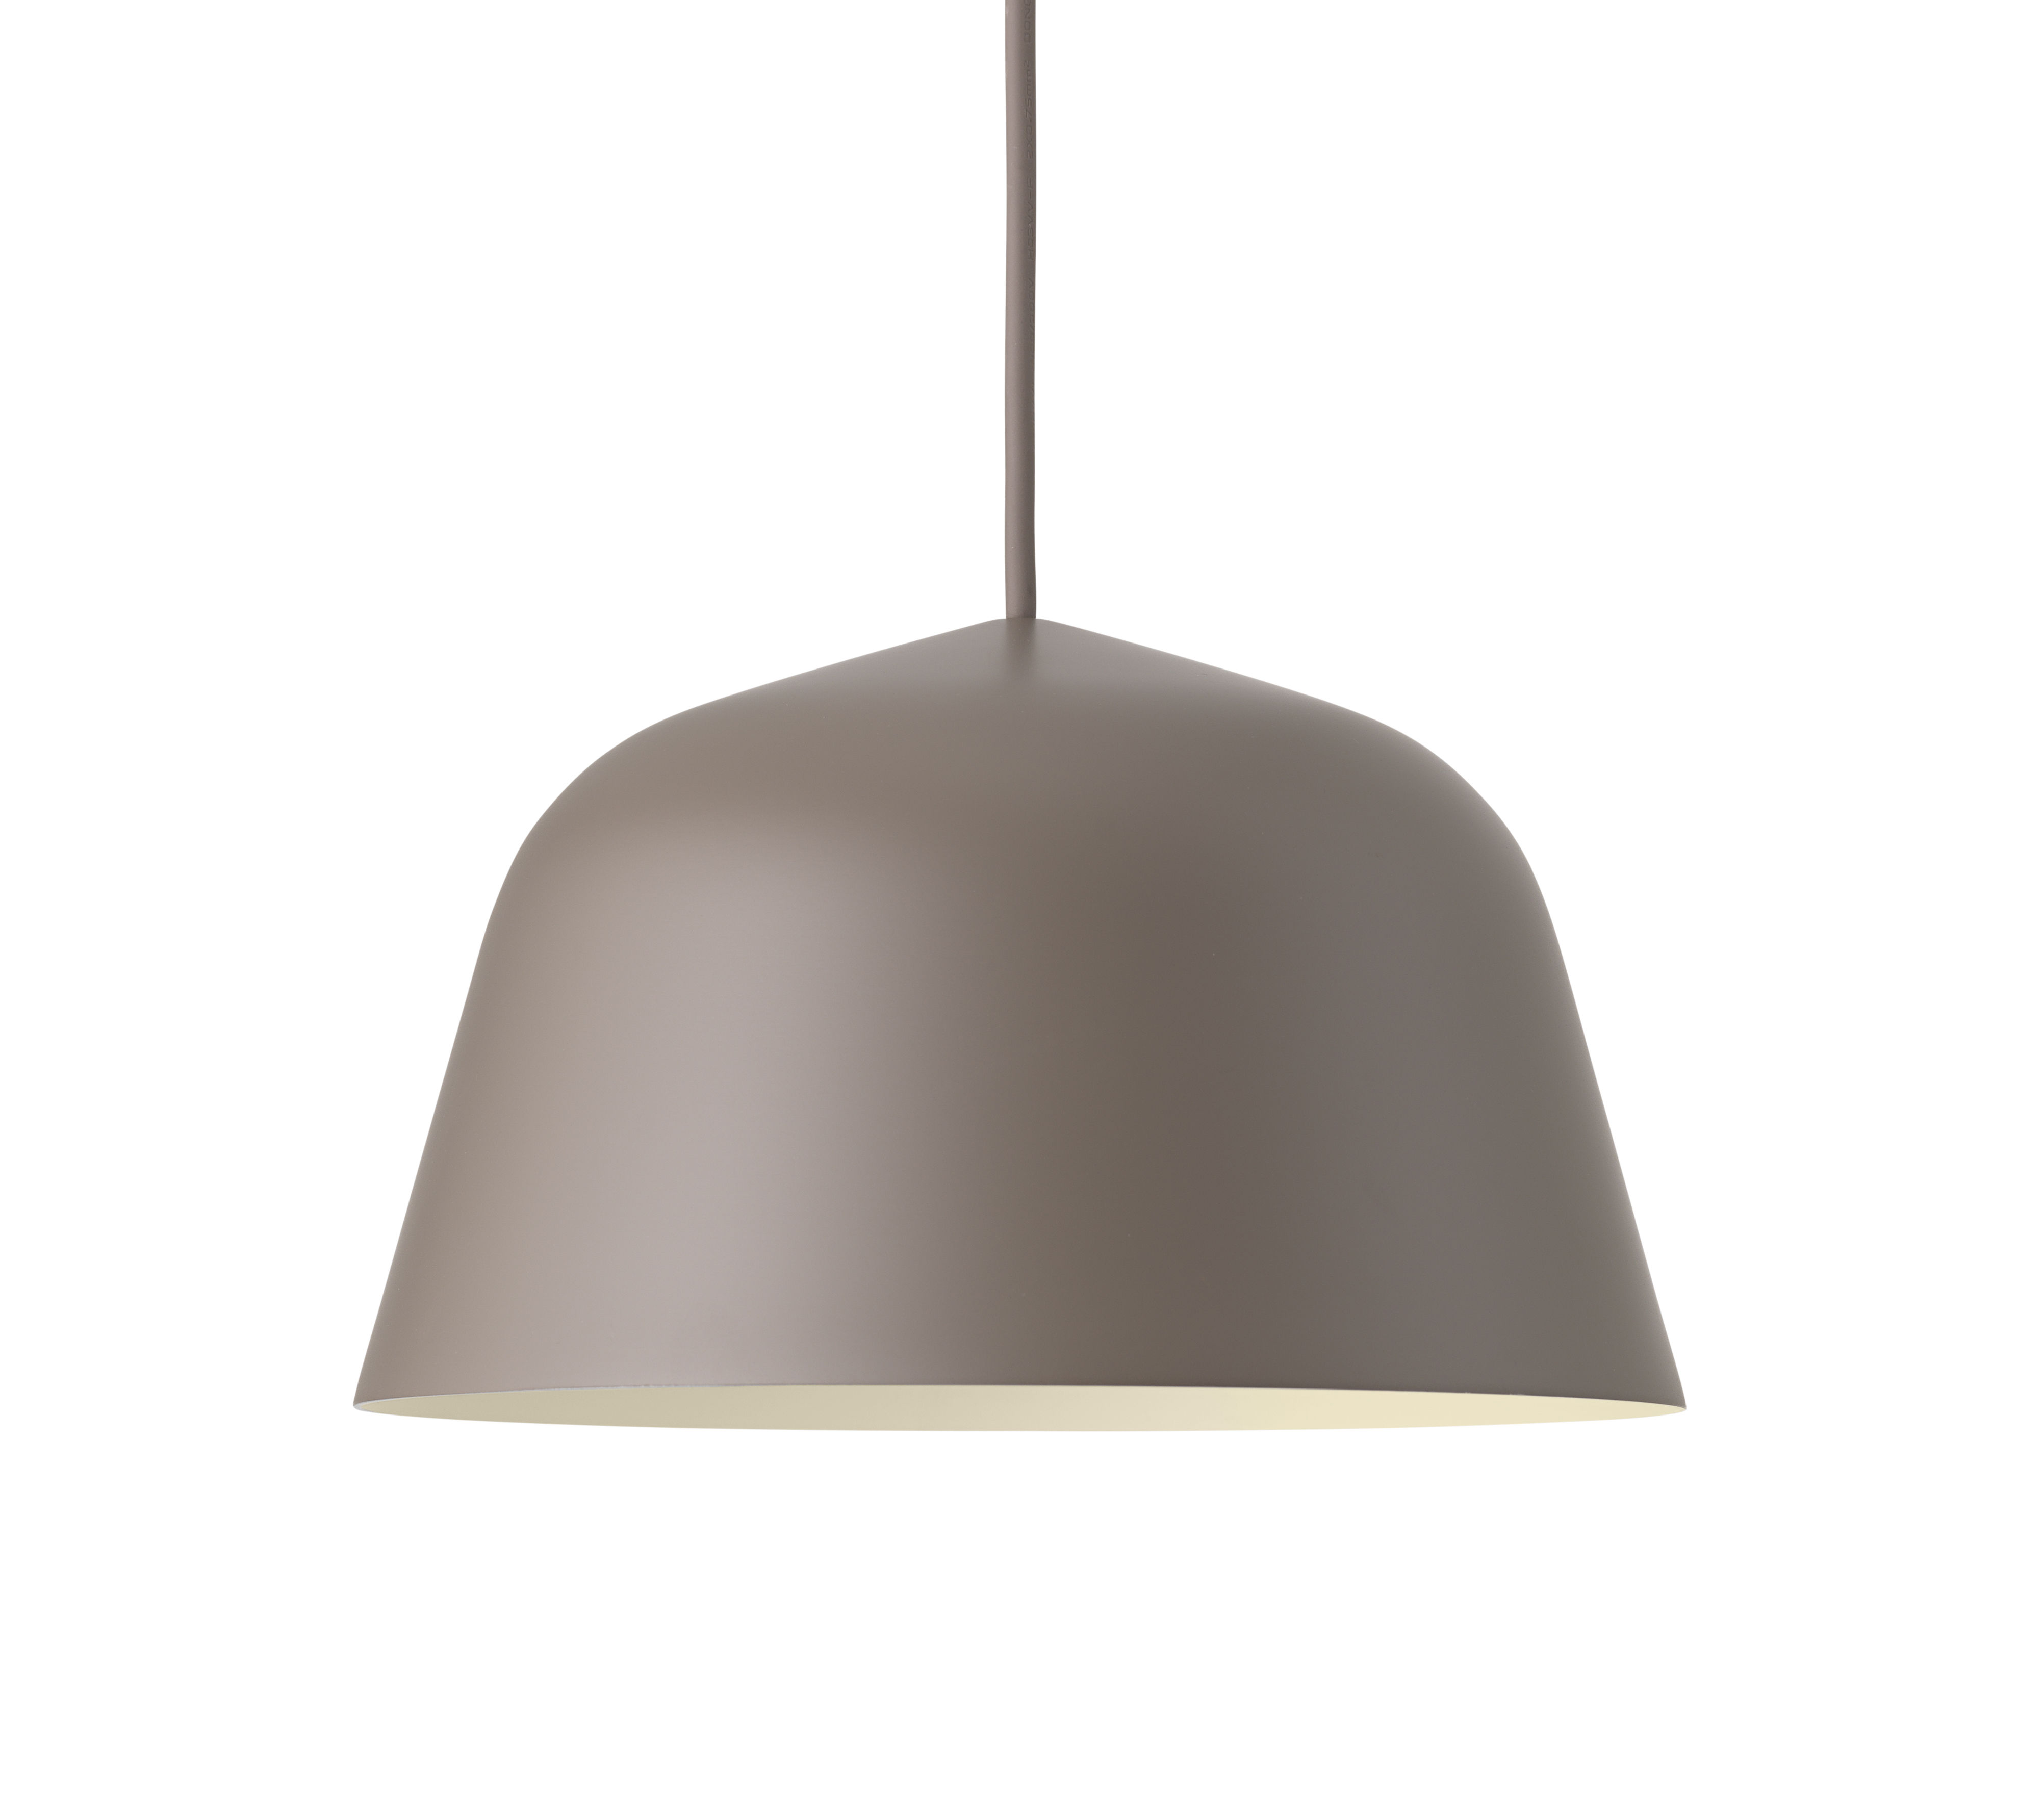 Luminaire - Suspensions - Suspension Ambit / Ø 25 cm - Métal - Muuto - Taupe - Aluminium